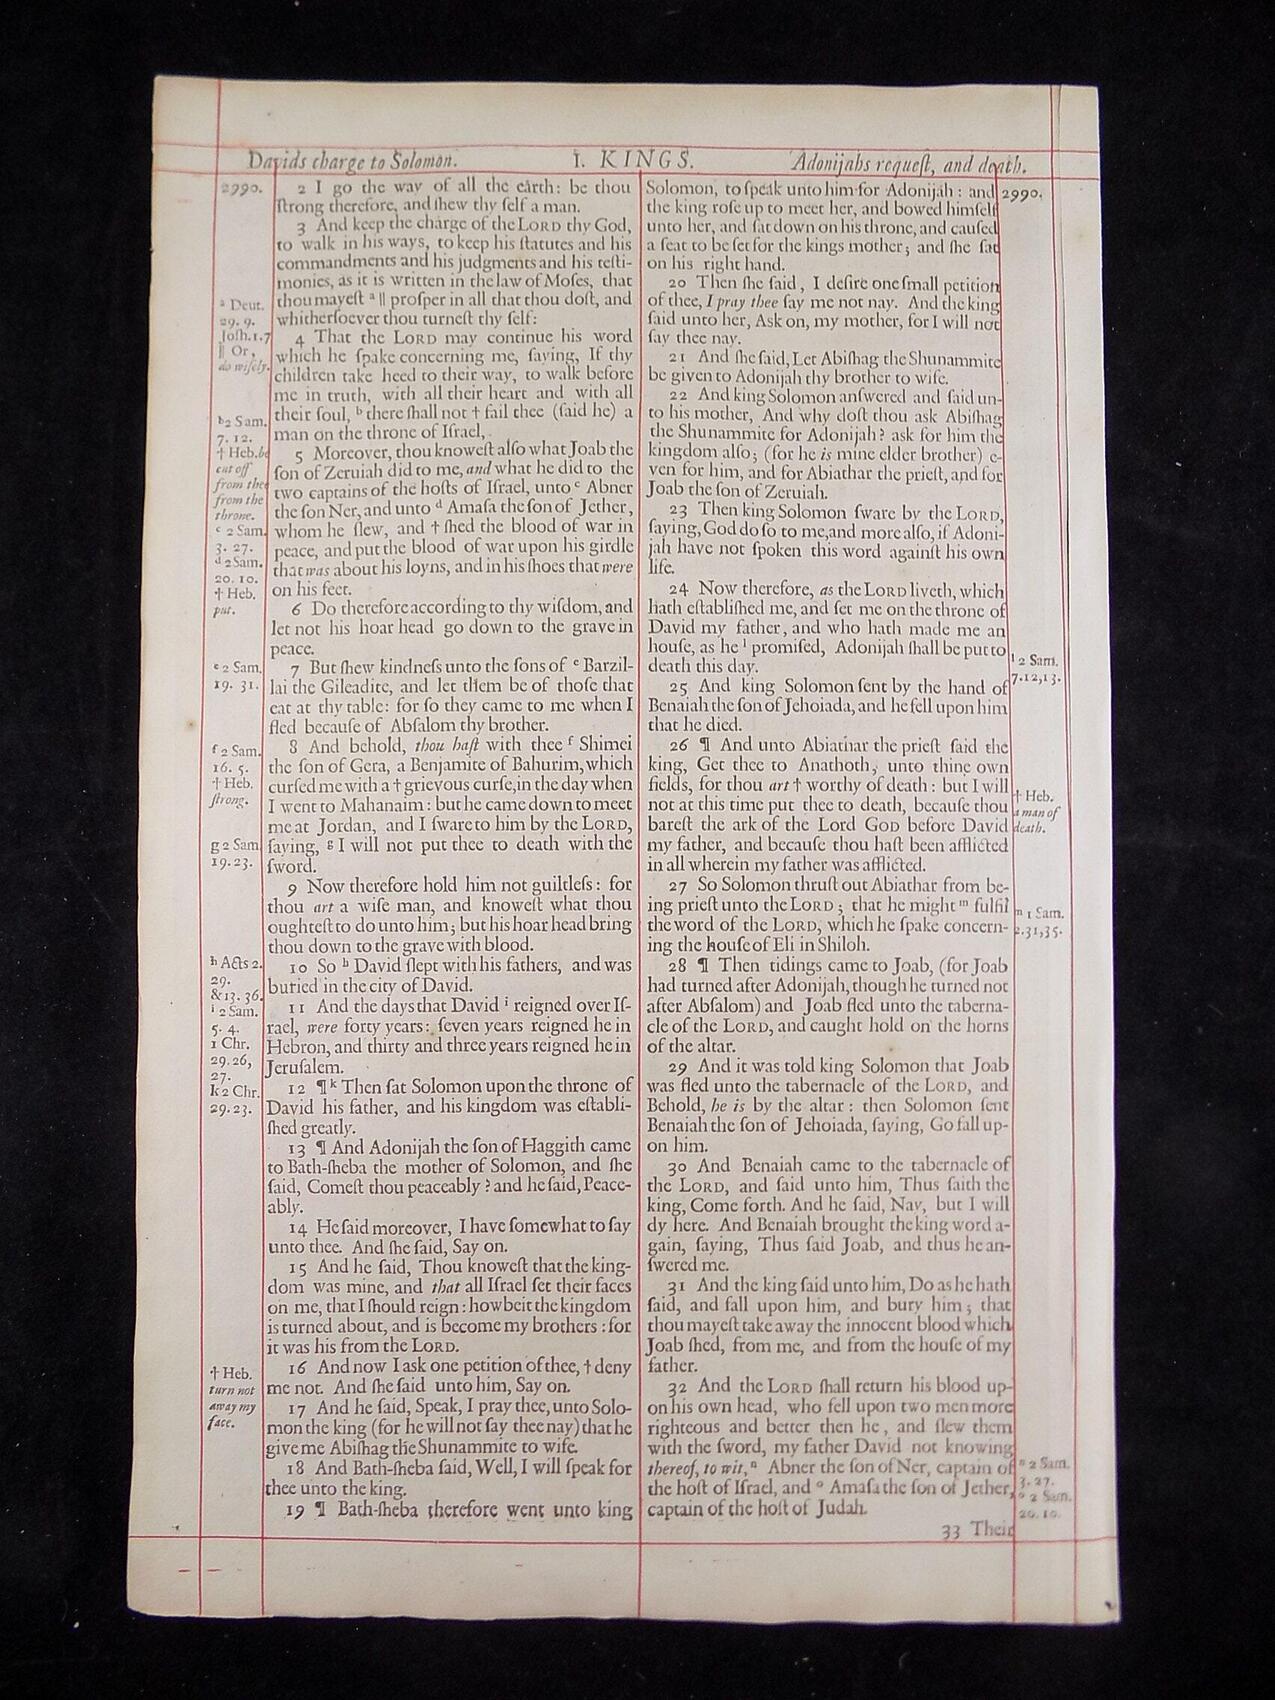 1680 OXFORD KJV FIRST KINGS LEAVES